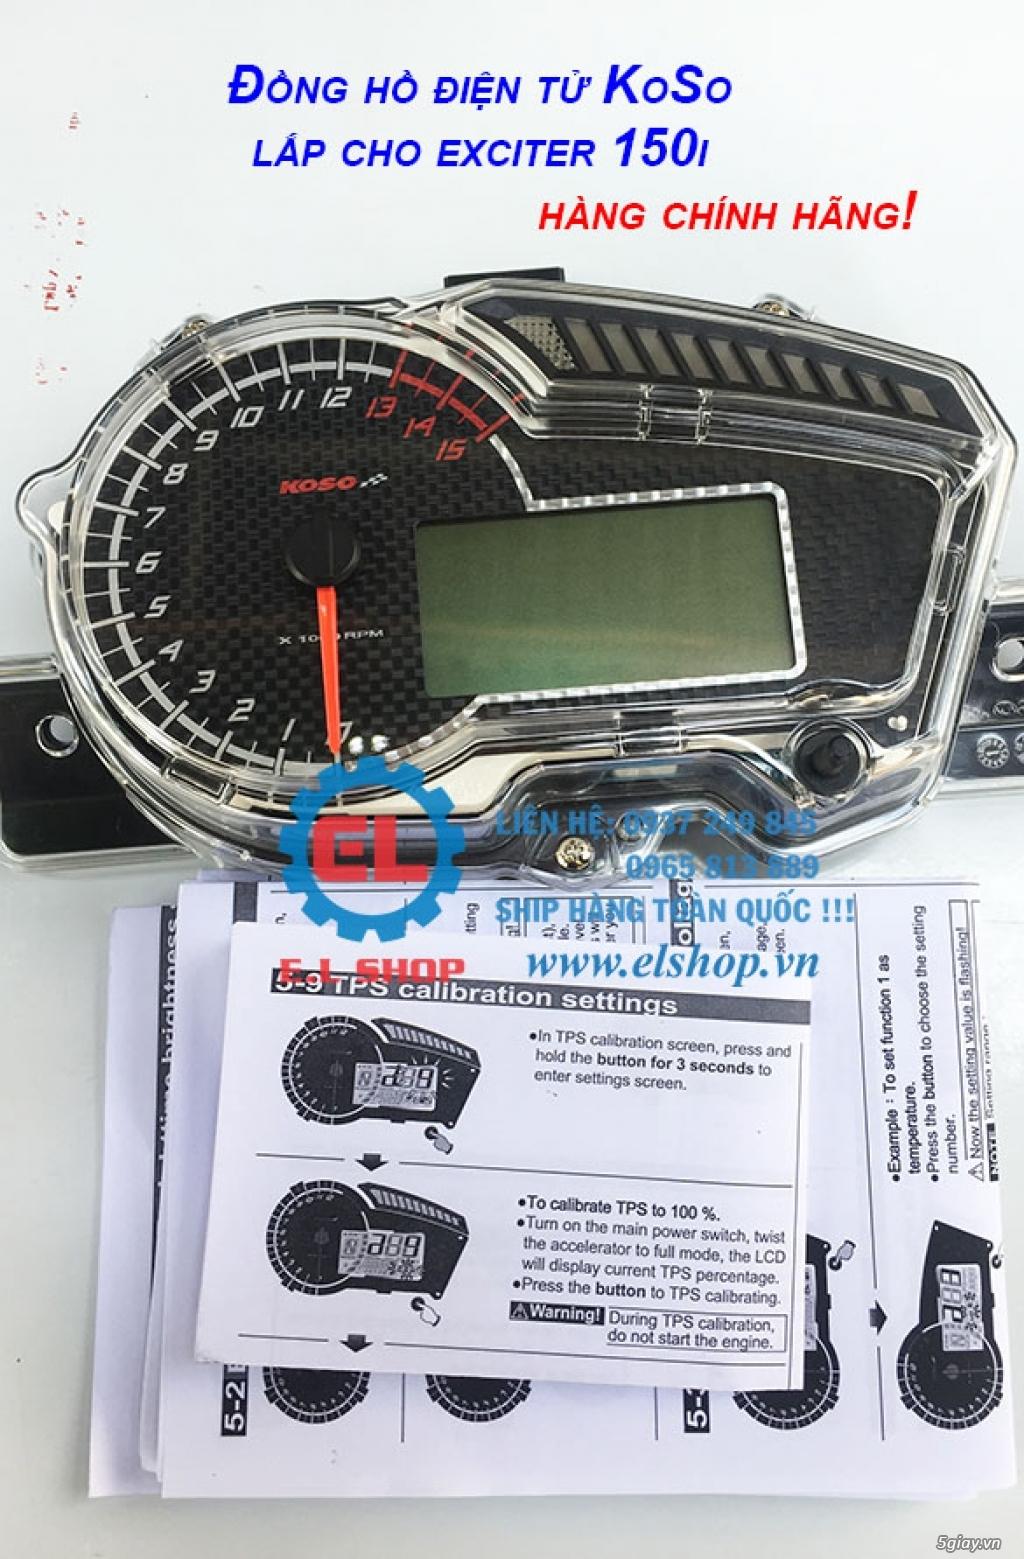 E.L SHOP - Đồng hồ điện tử cho xe máy, Koso, RX2N,... - 2